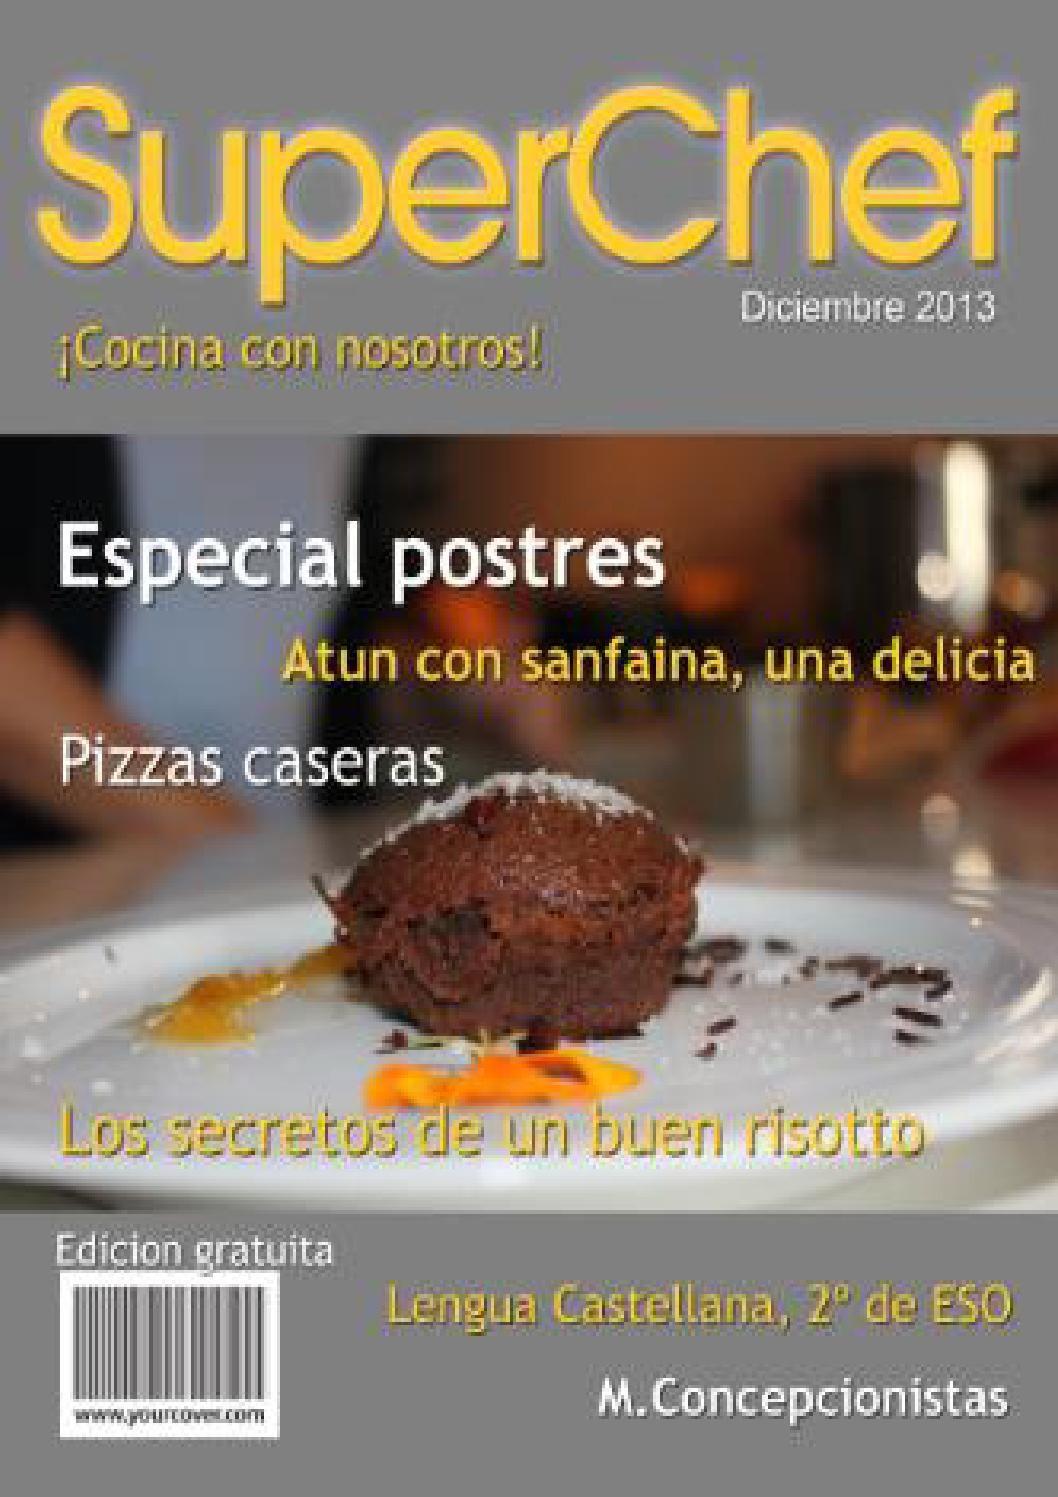 Las recetas de maru ebook best deal image collections free ebooks other ebooks library of las recetas de maru ebook best deal fandeluxe Image collections